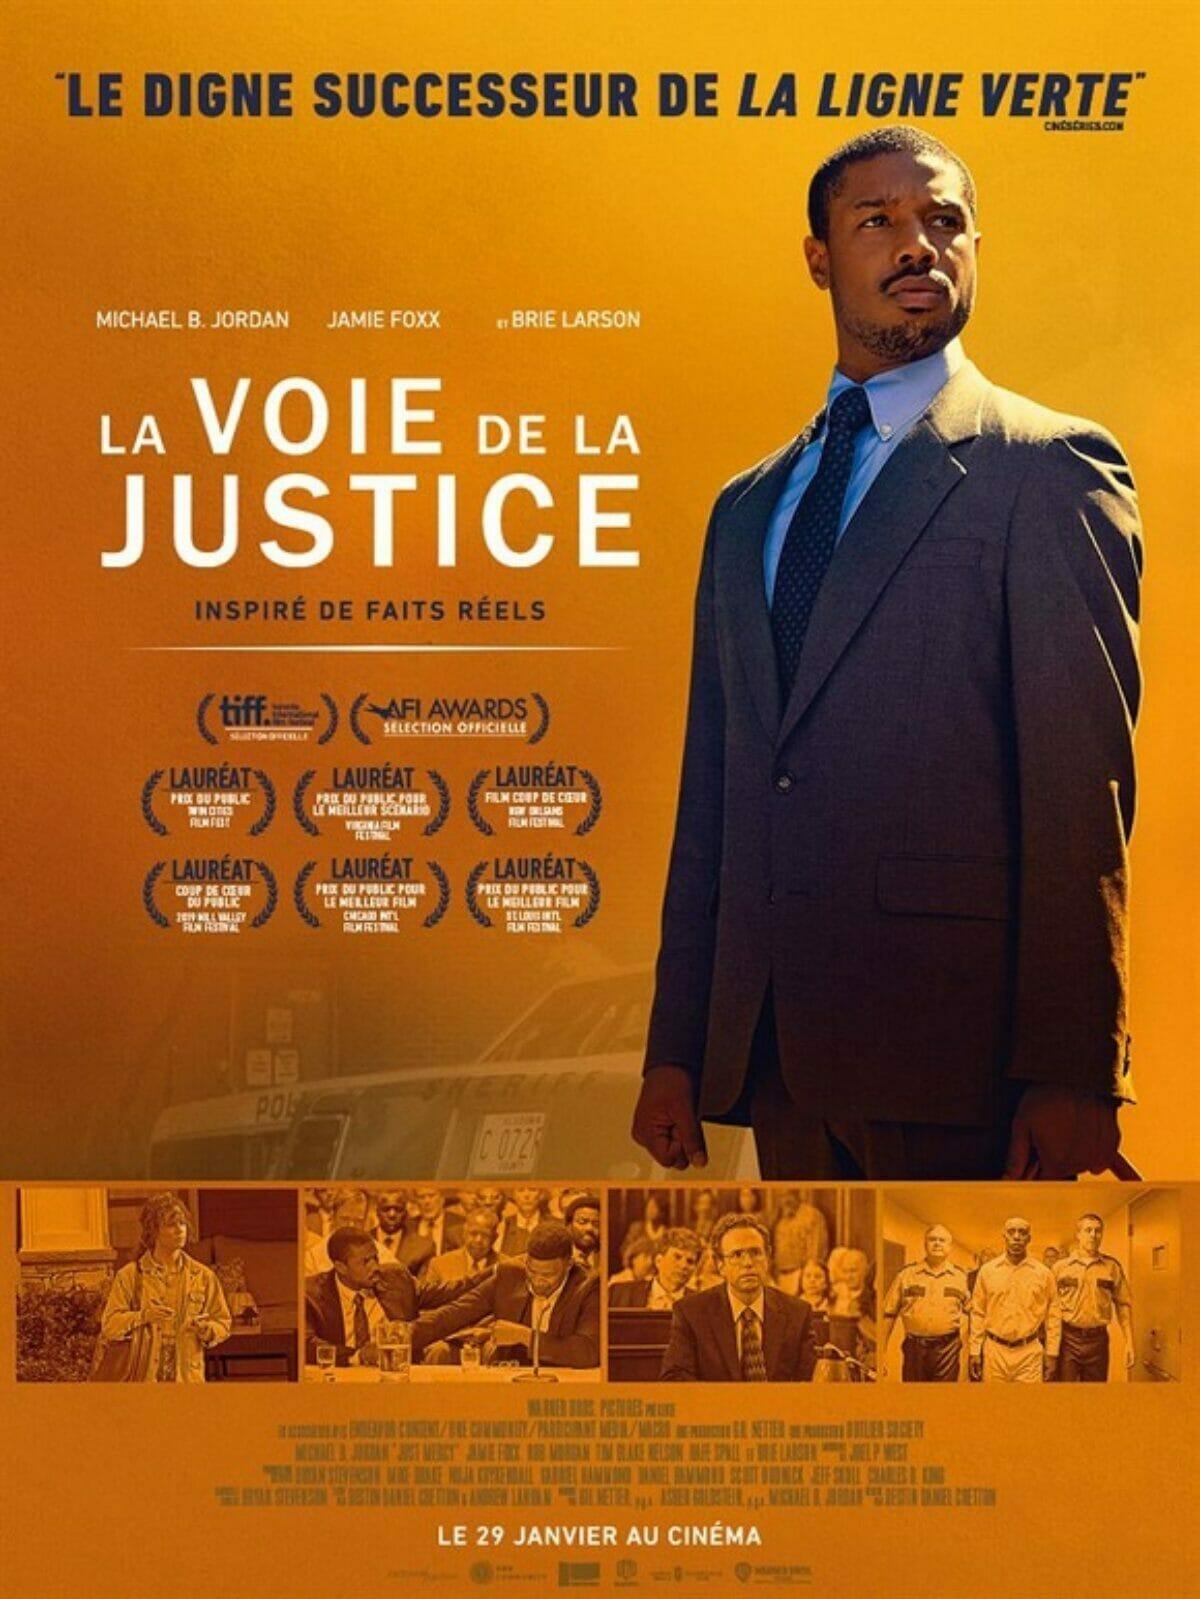 La-voie-de-la-justice-poster